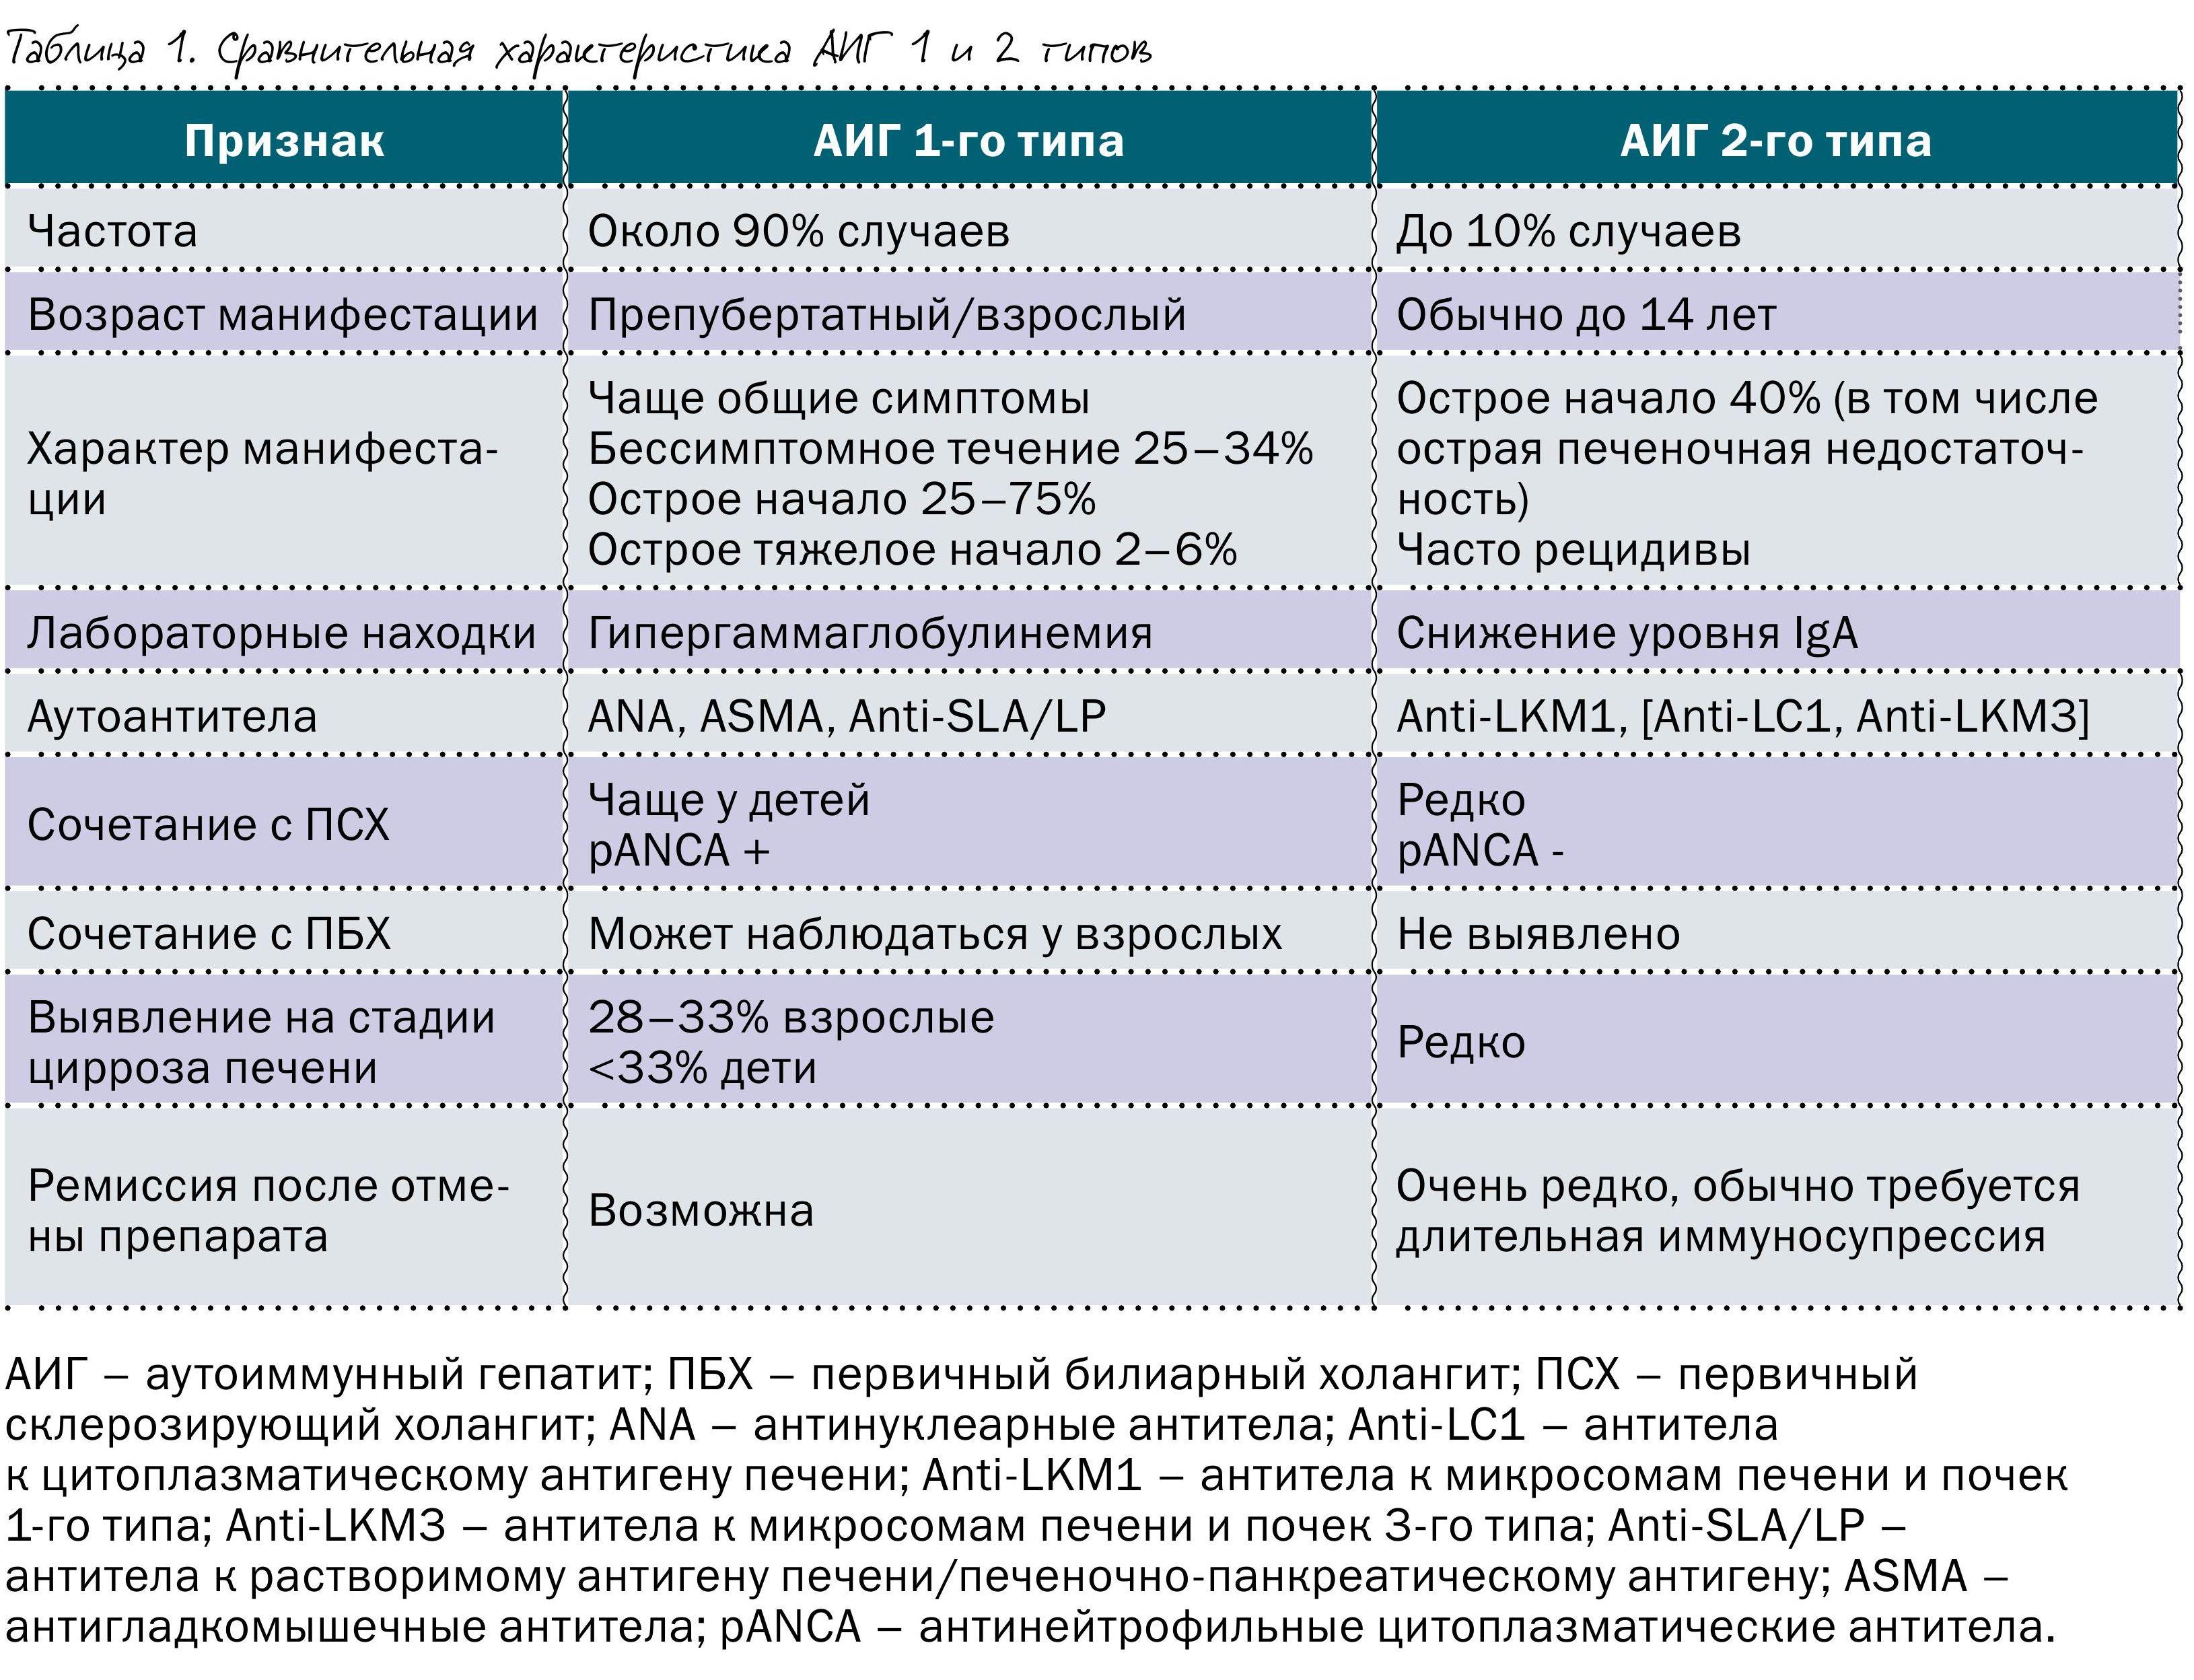 Диагностика аутоиммунного гепатита